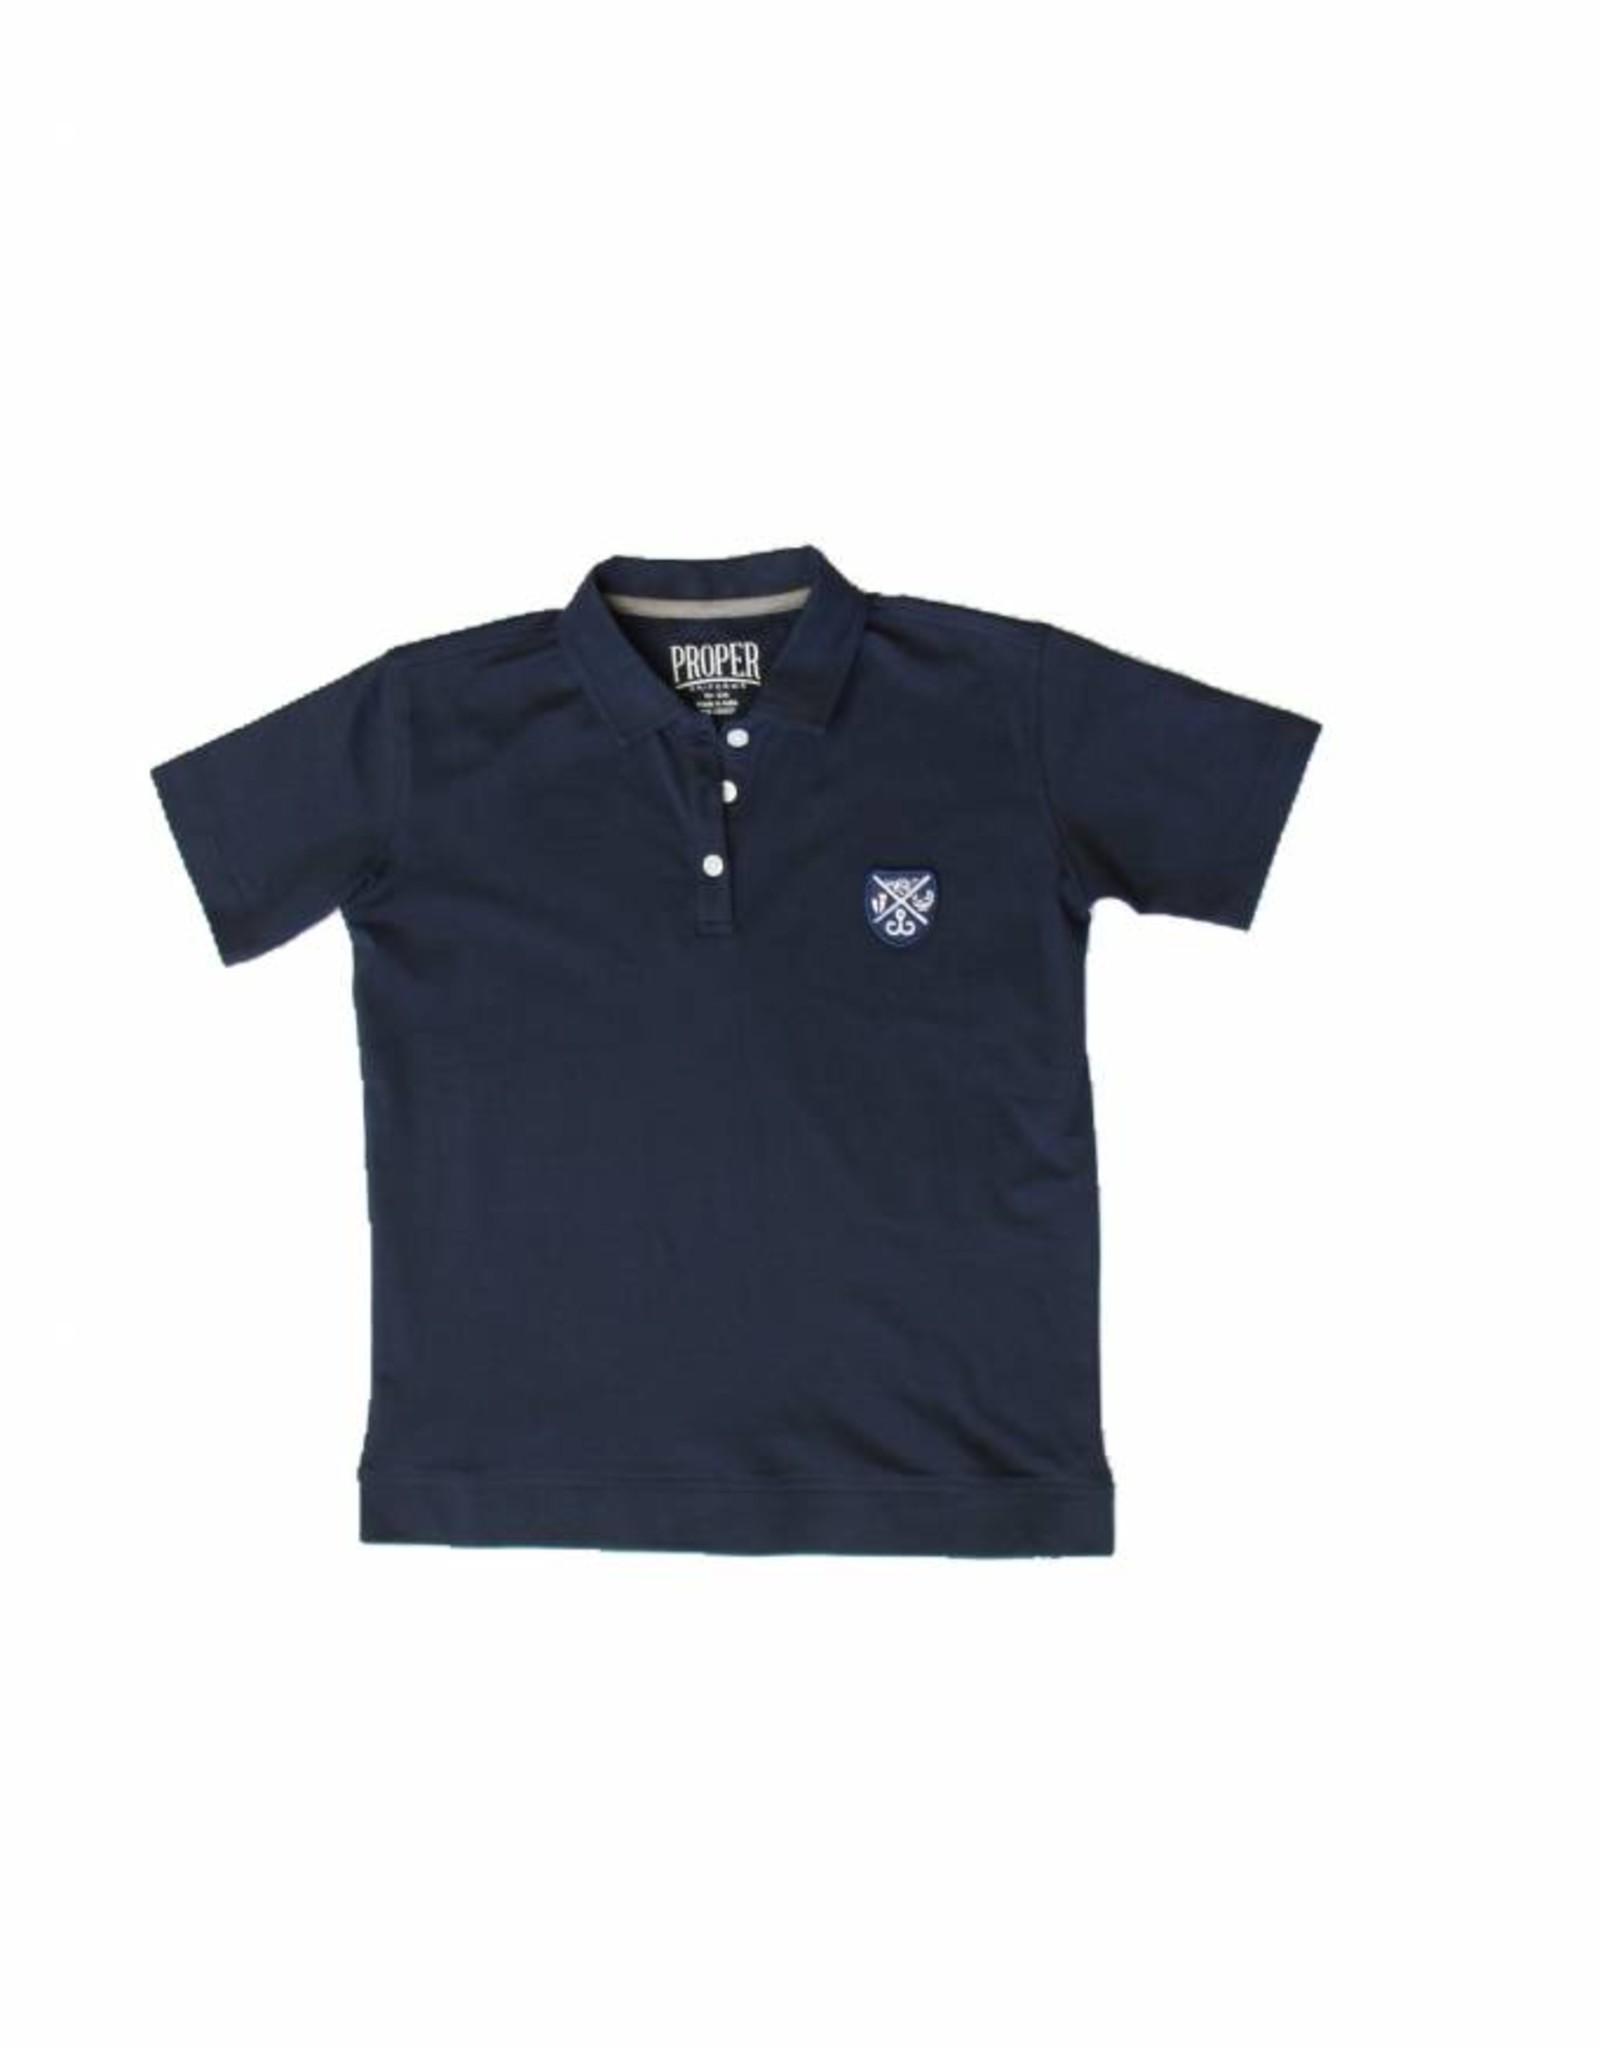 Proper Uniforms SHIRT-Polo SS Pique Toddler